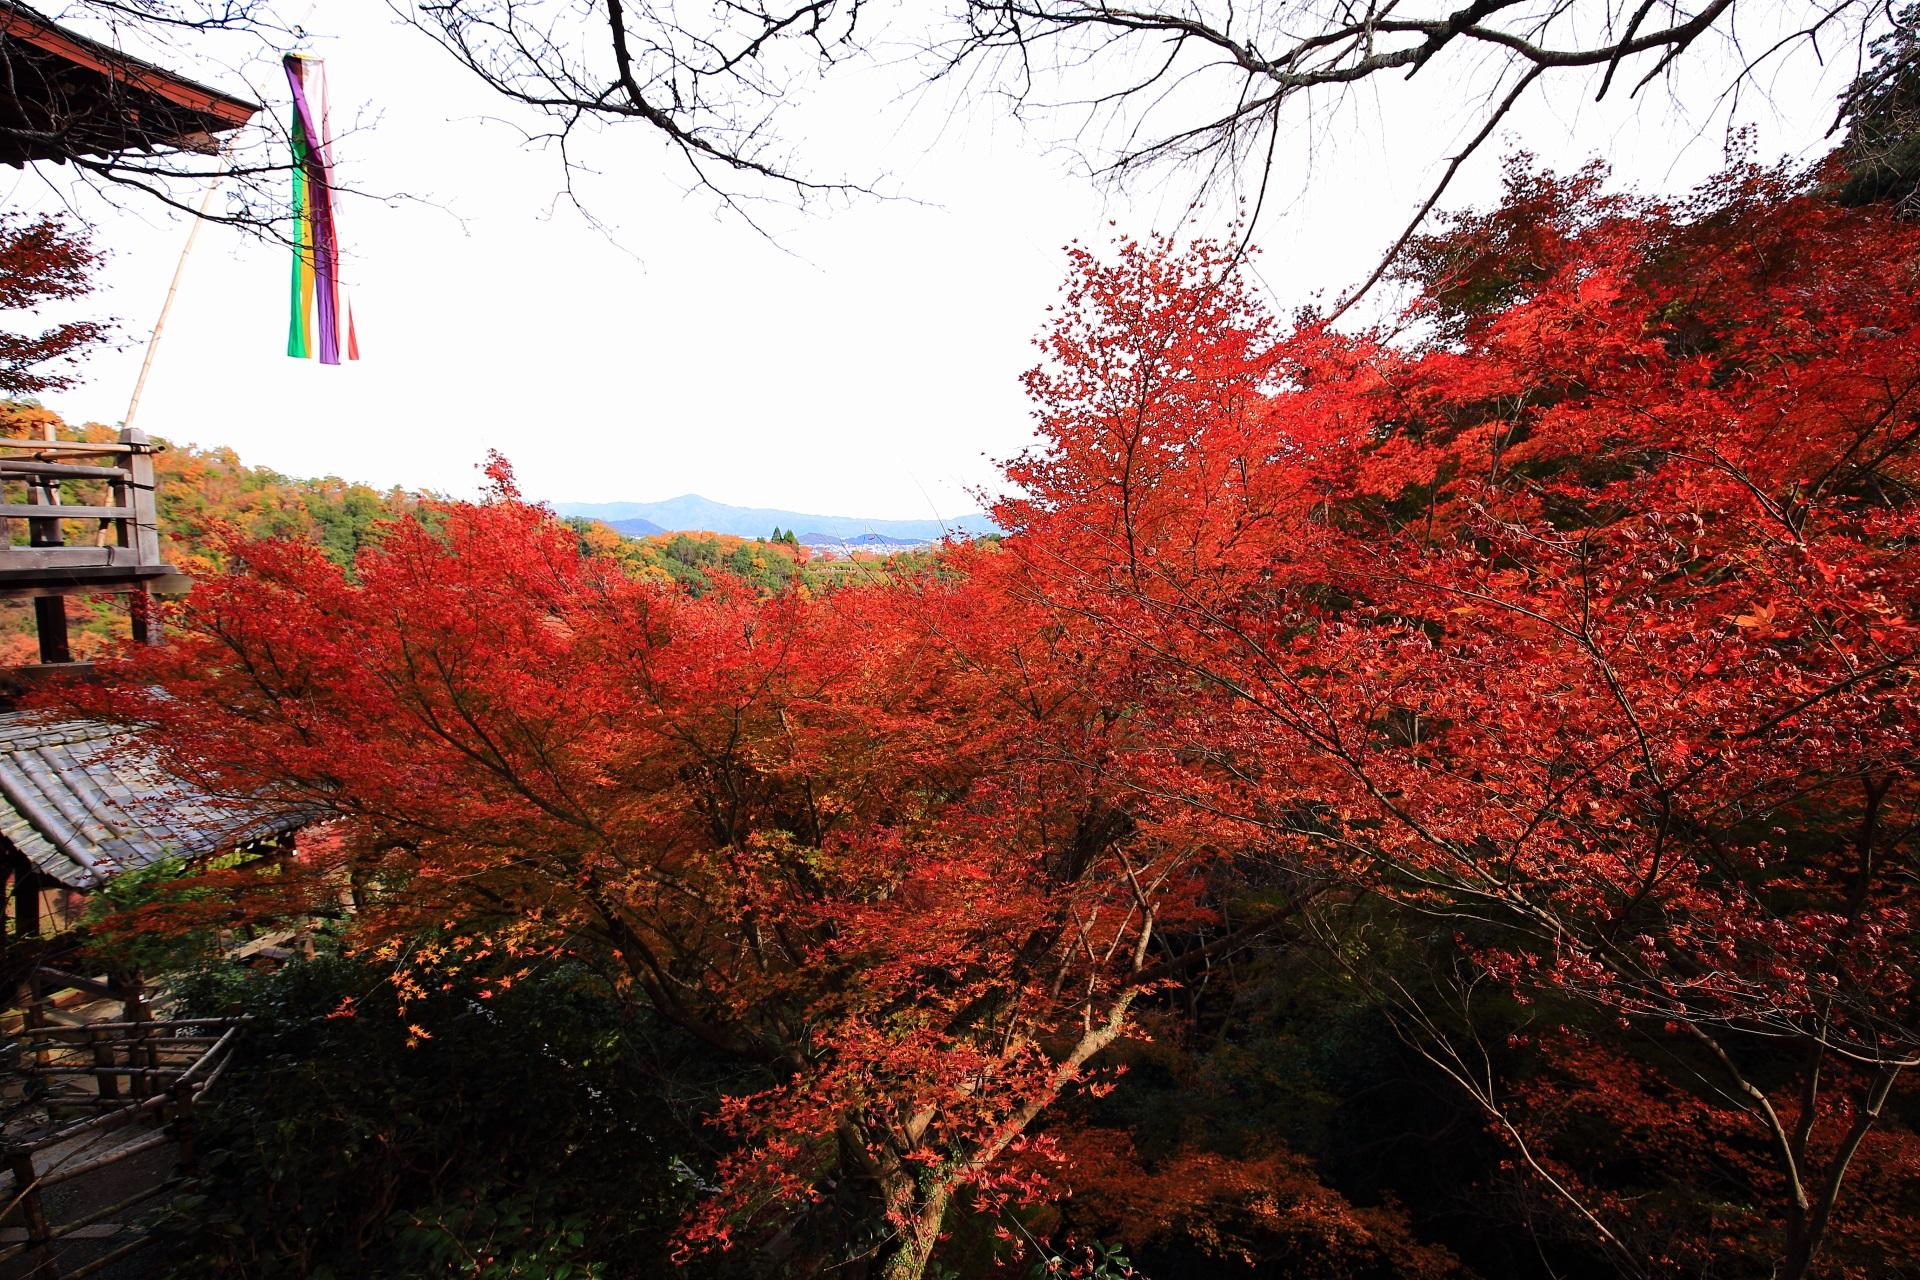 大悲閣千光寺の茶所と観音堂前に広がる燃え上がるような紅葉